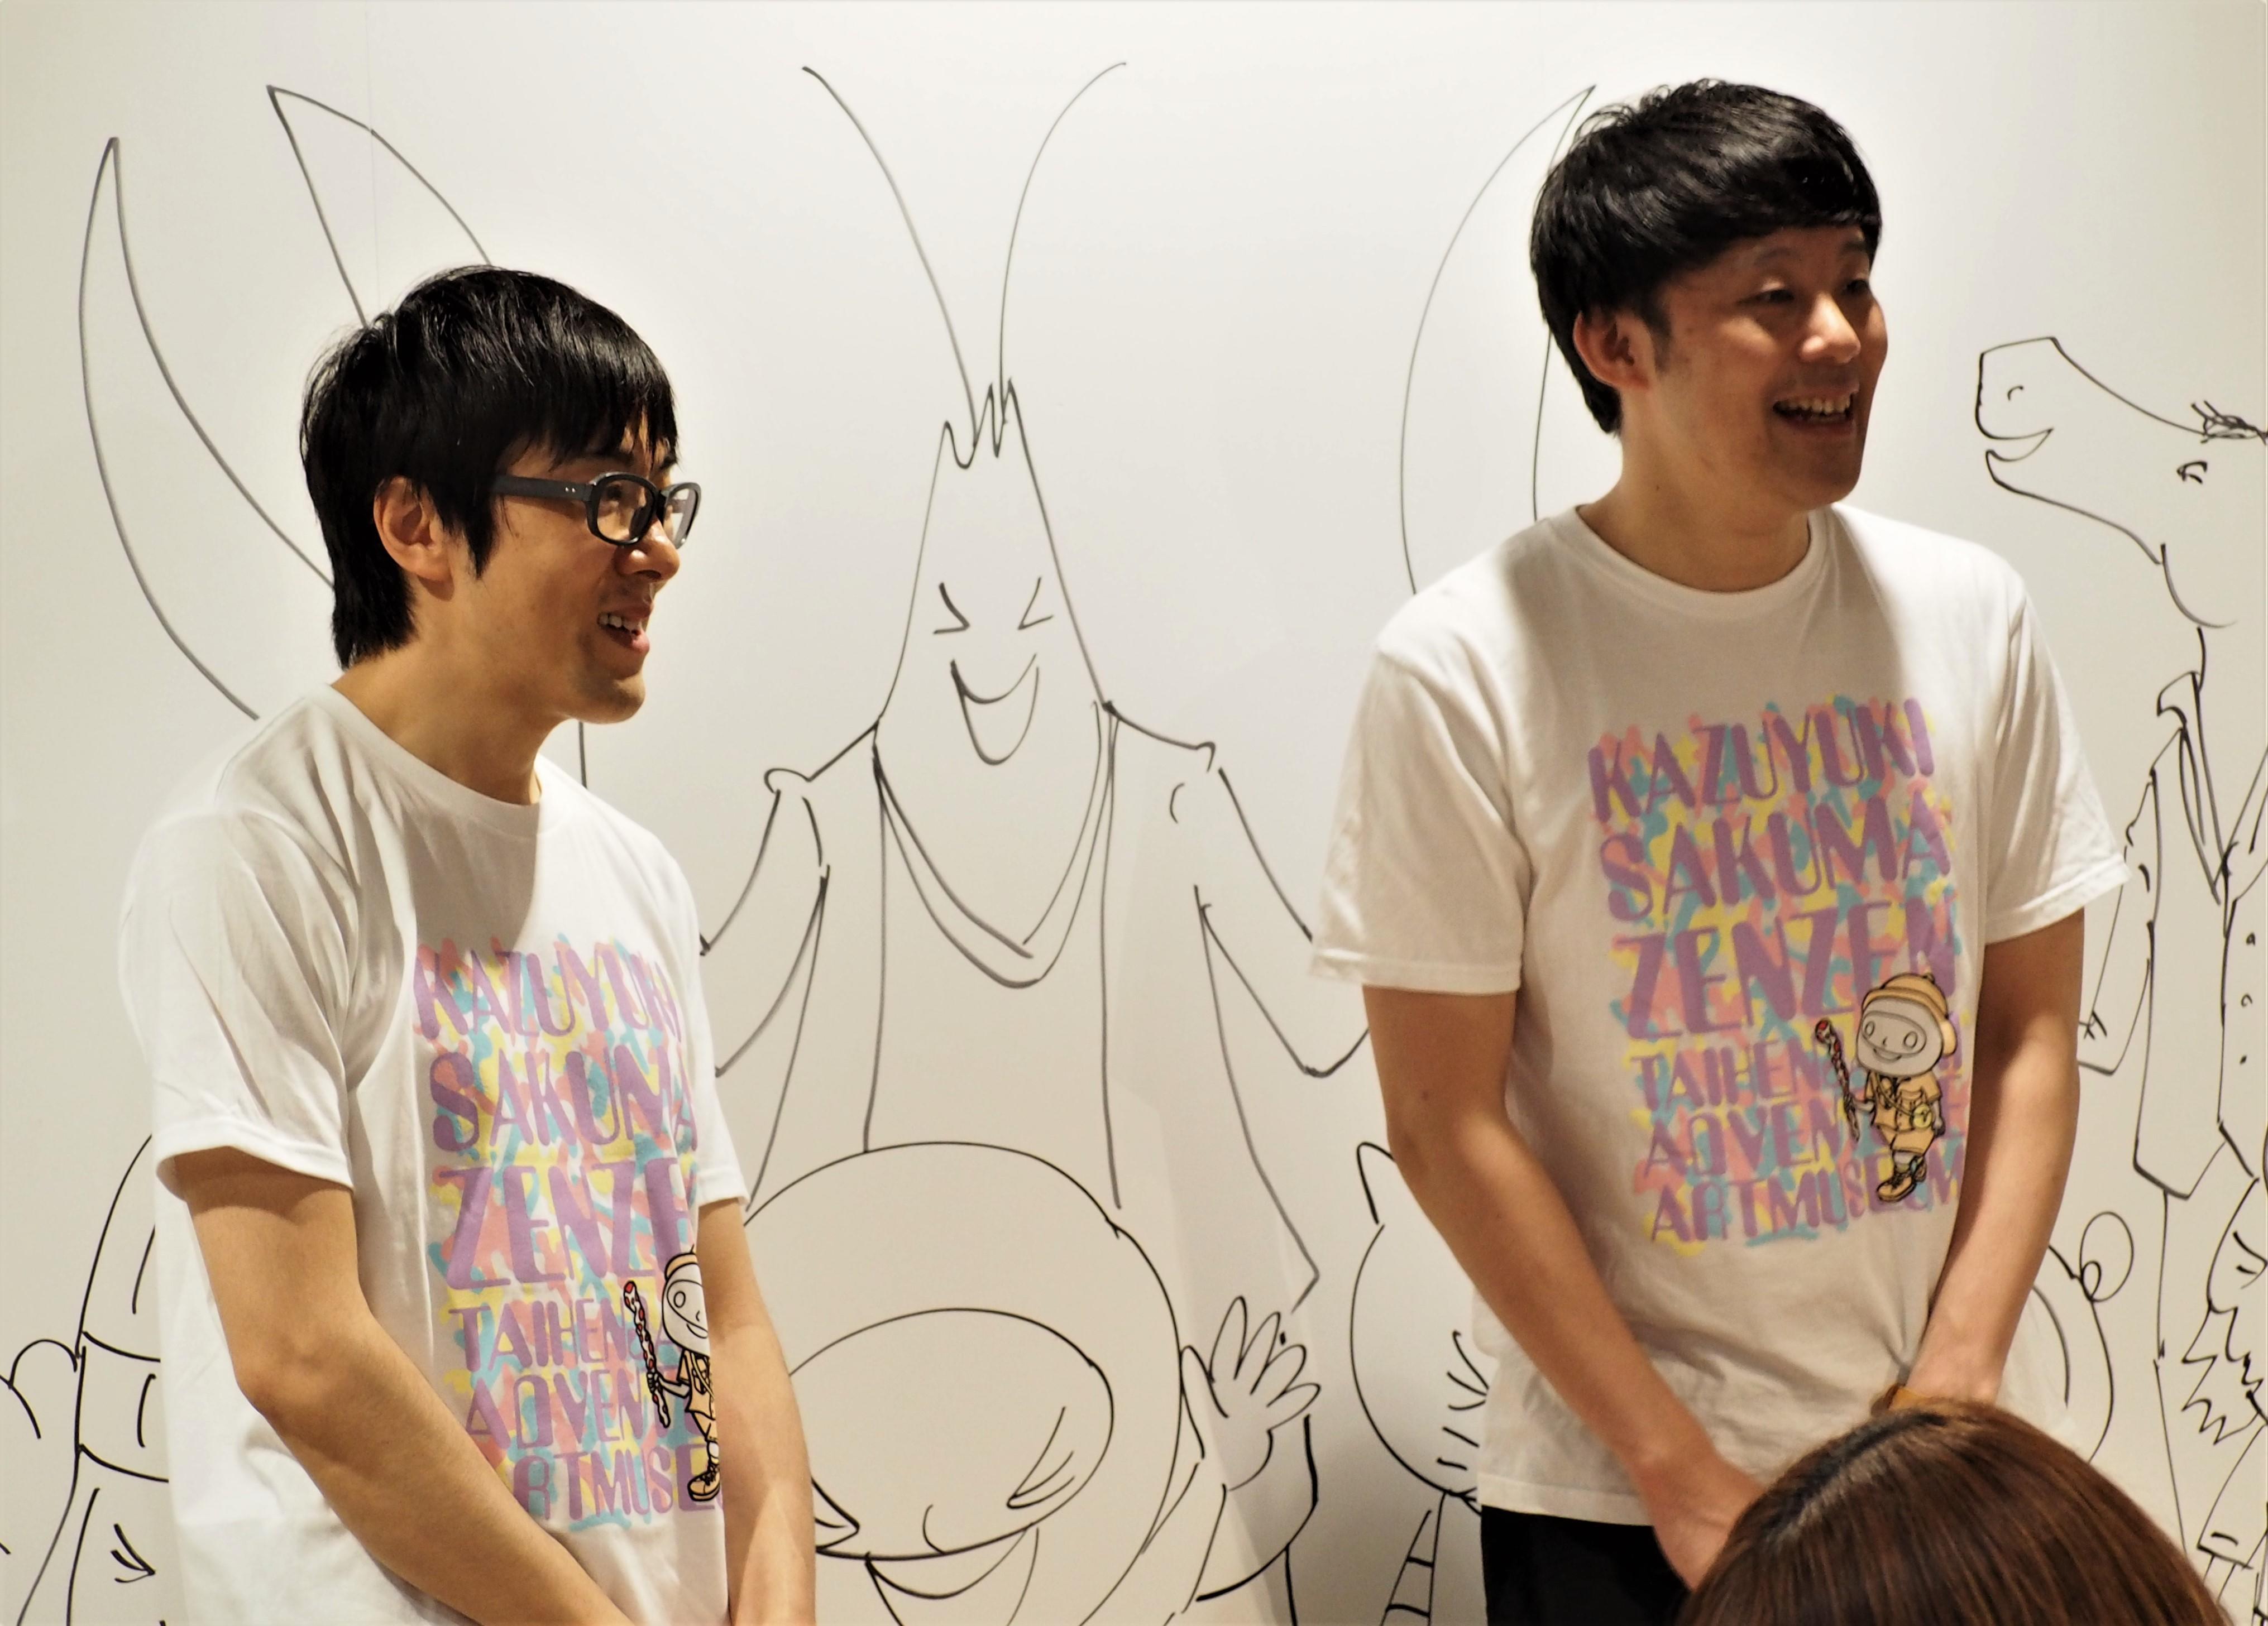 http://news.yoshimoto.co.jp/20180429221614-dcaf663fb306942379005e82c84f87cf65fc01cf.jpg